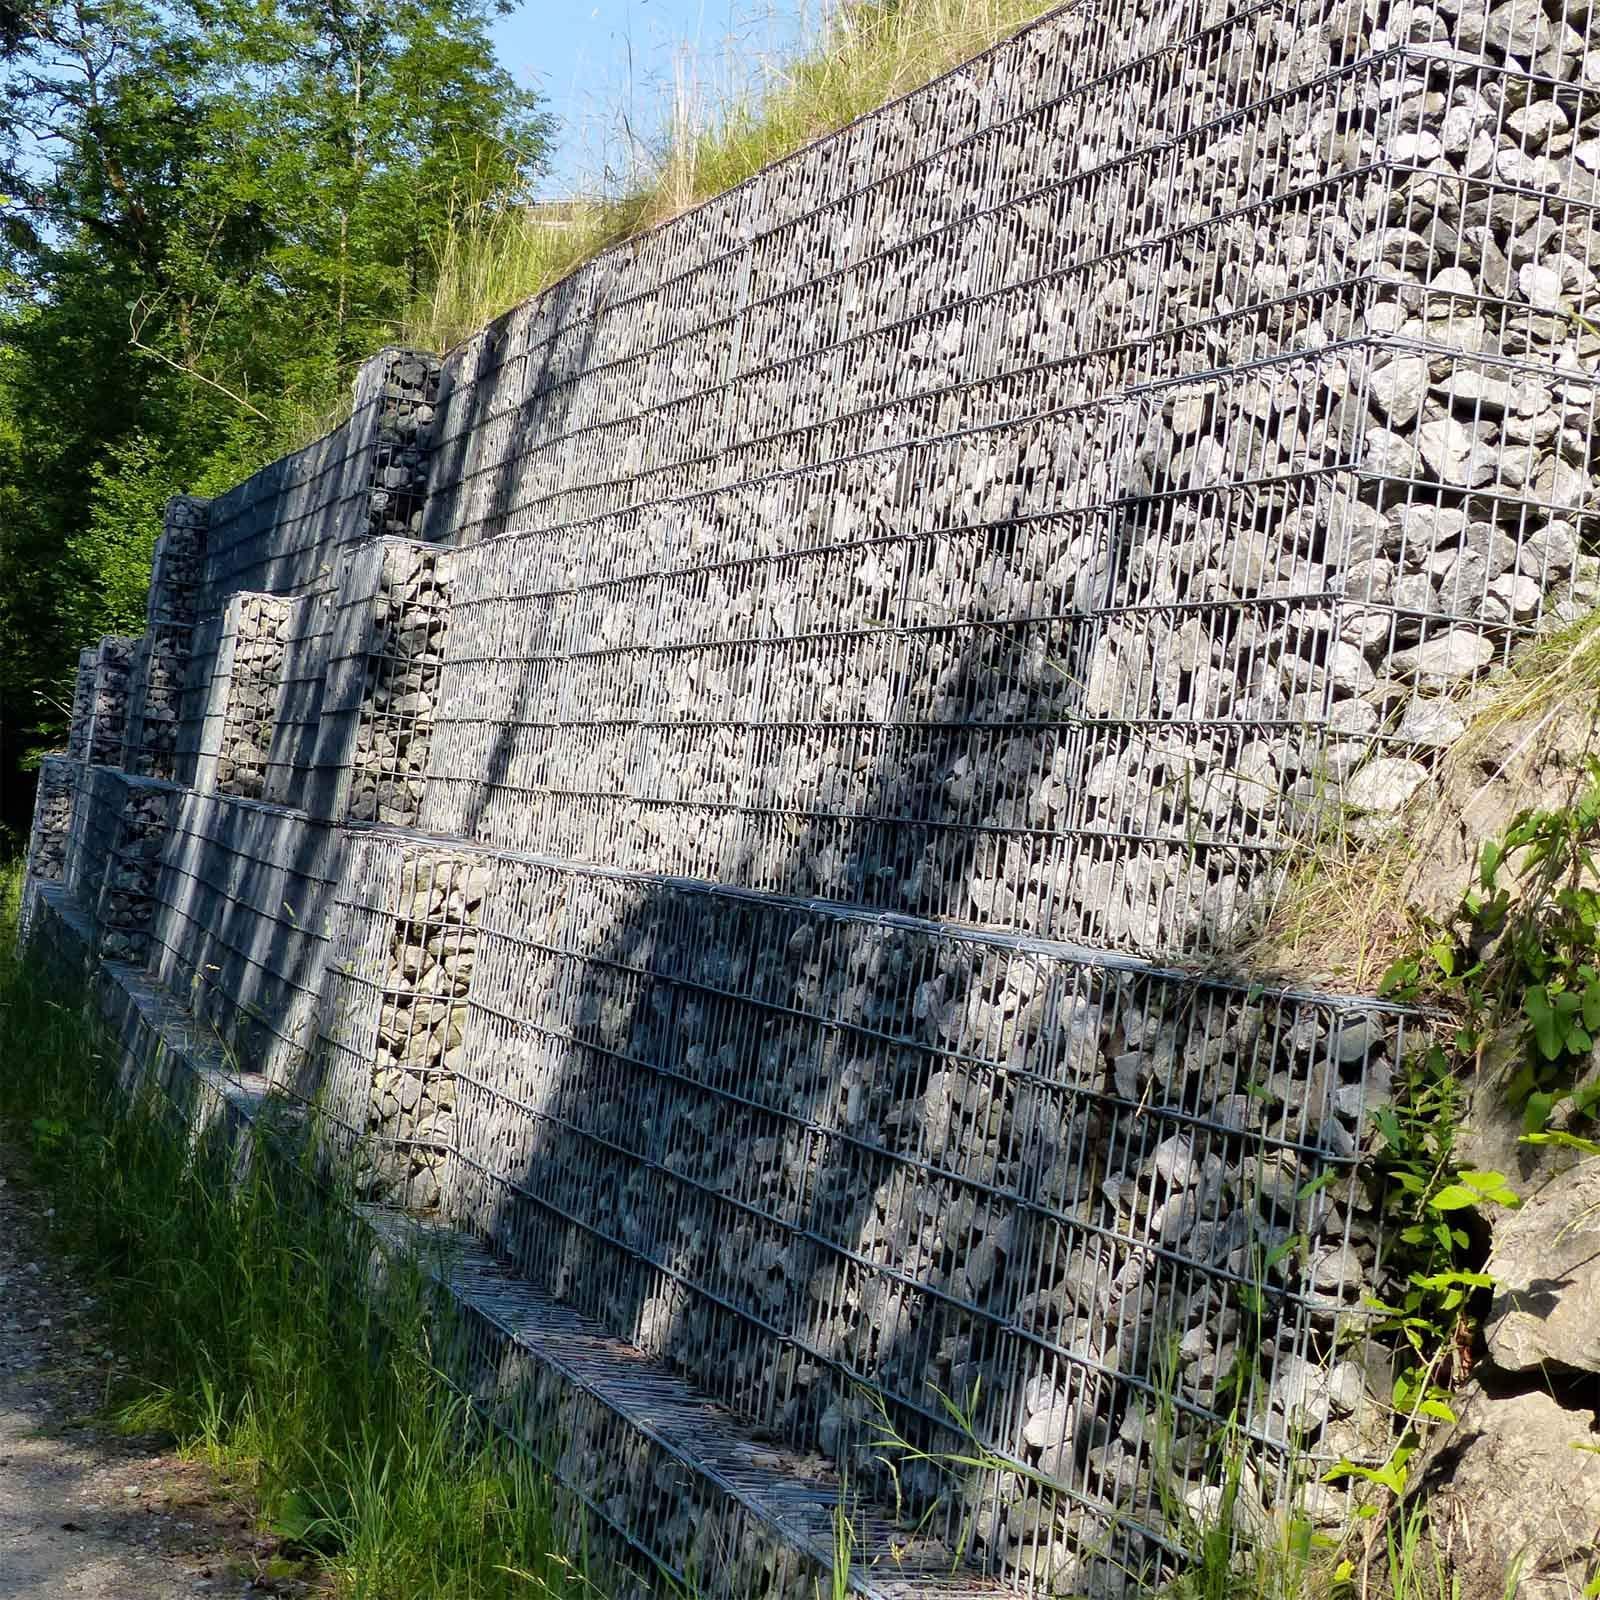 WilTec Gavión 100x30x30 cm Muro Alambre Relleno Piedras Cierre Cercado Vallado Cesto Alambre Dique Jardín: Amazon.es: Deportes y aire libre